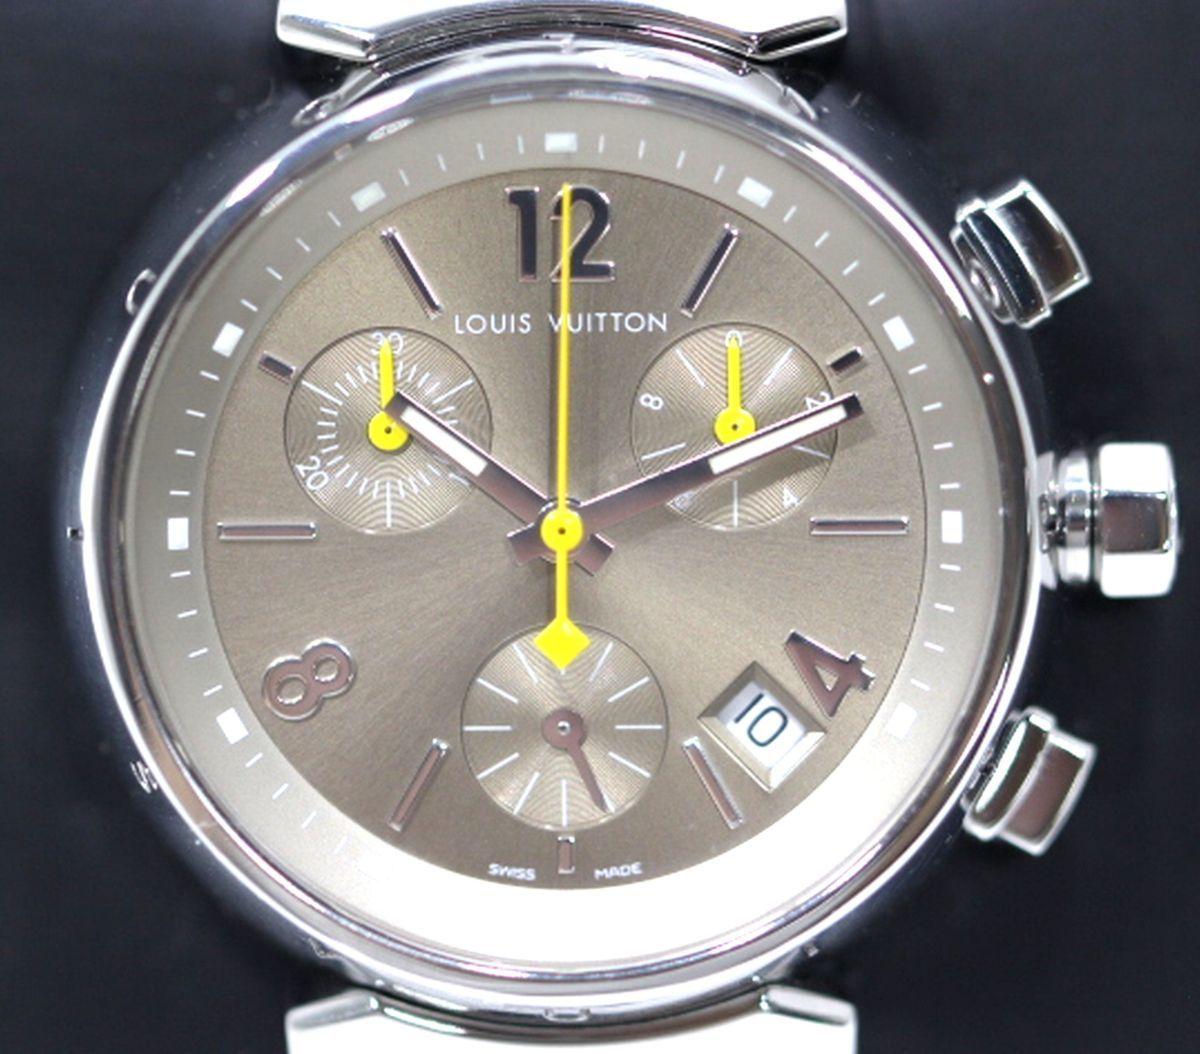 磨き済 超美品 ヴィトン Q1322 タンブール クロノグラフ クオーツ ステンレスベルト 時計 ボーイズ_画像1